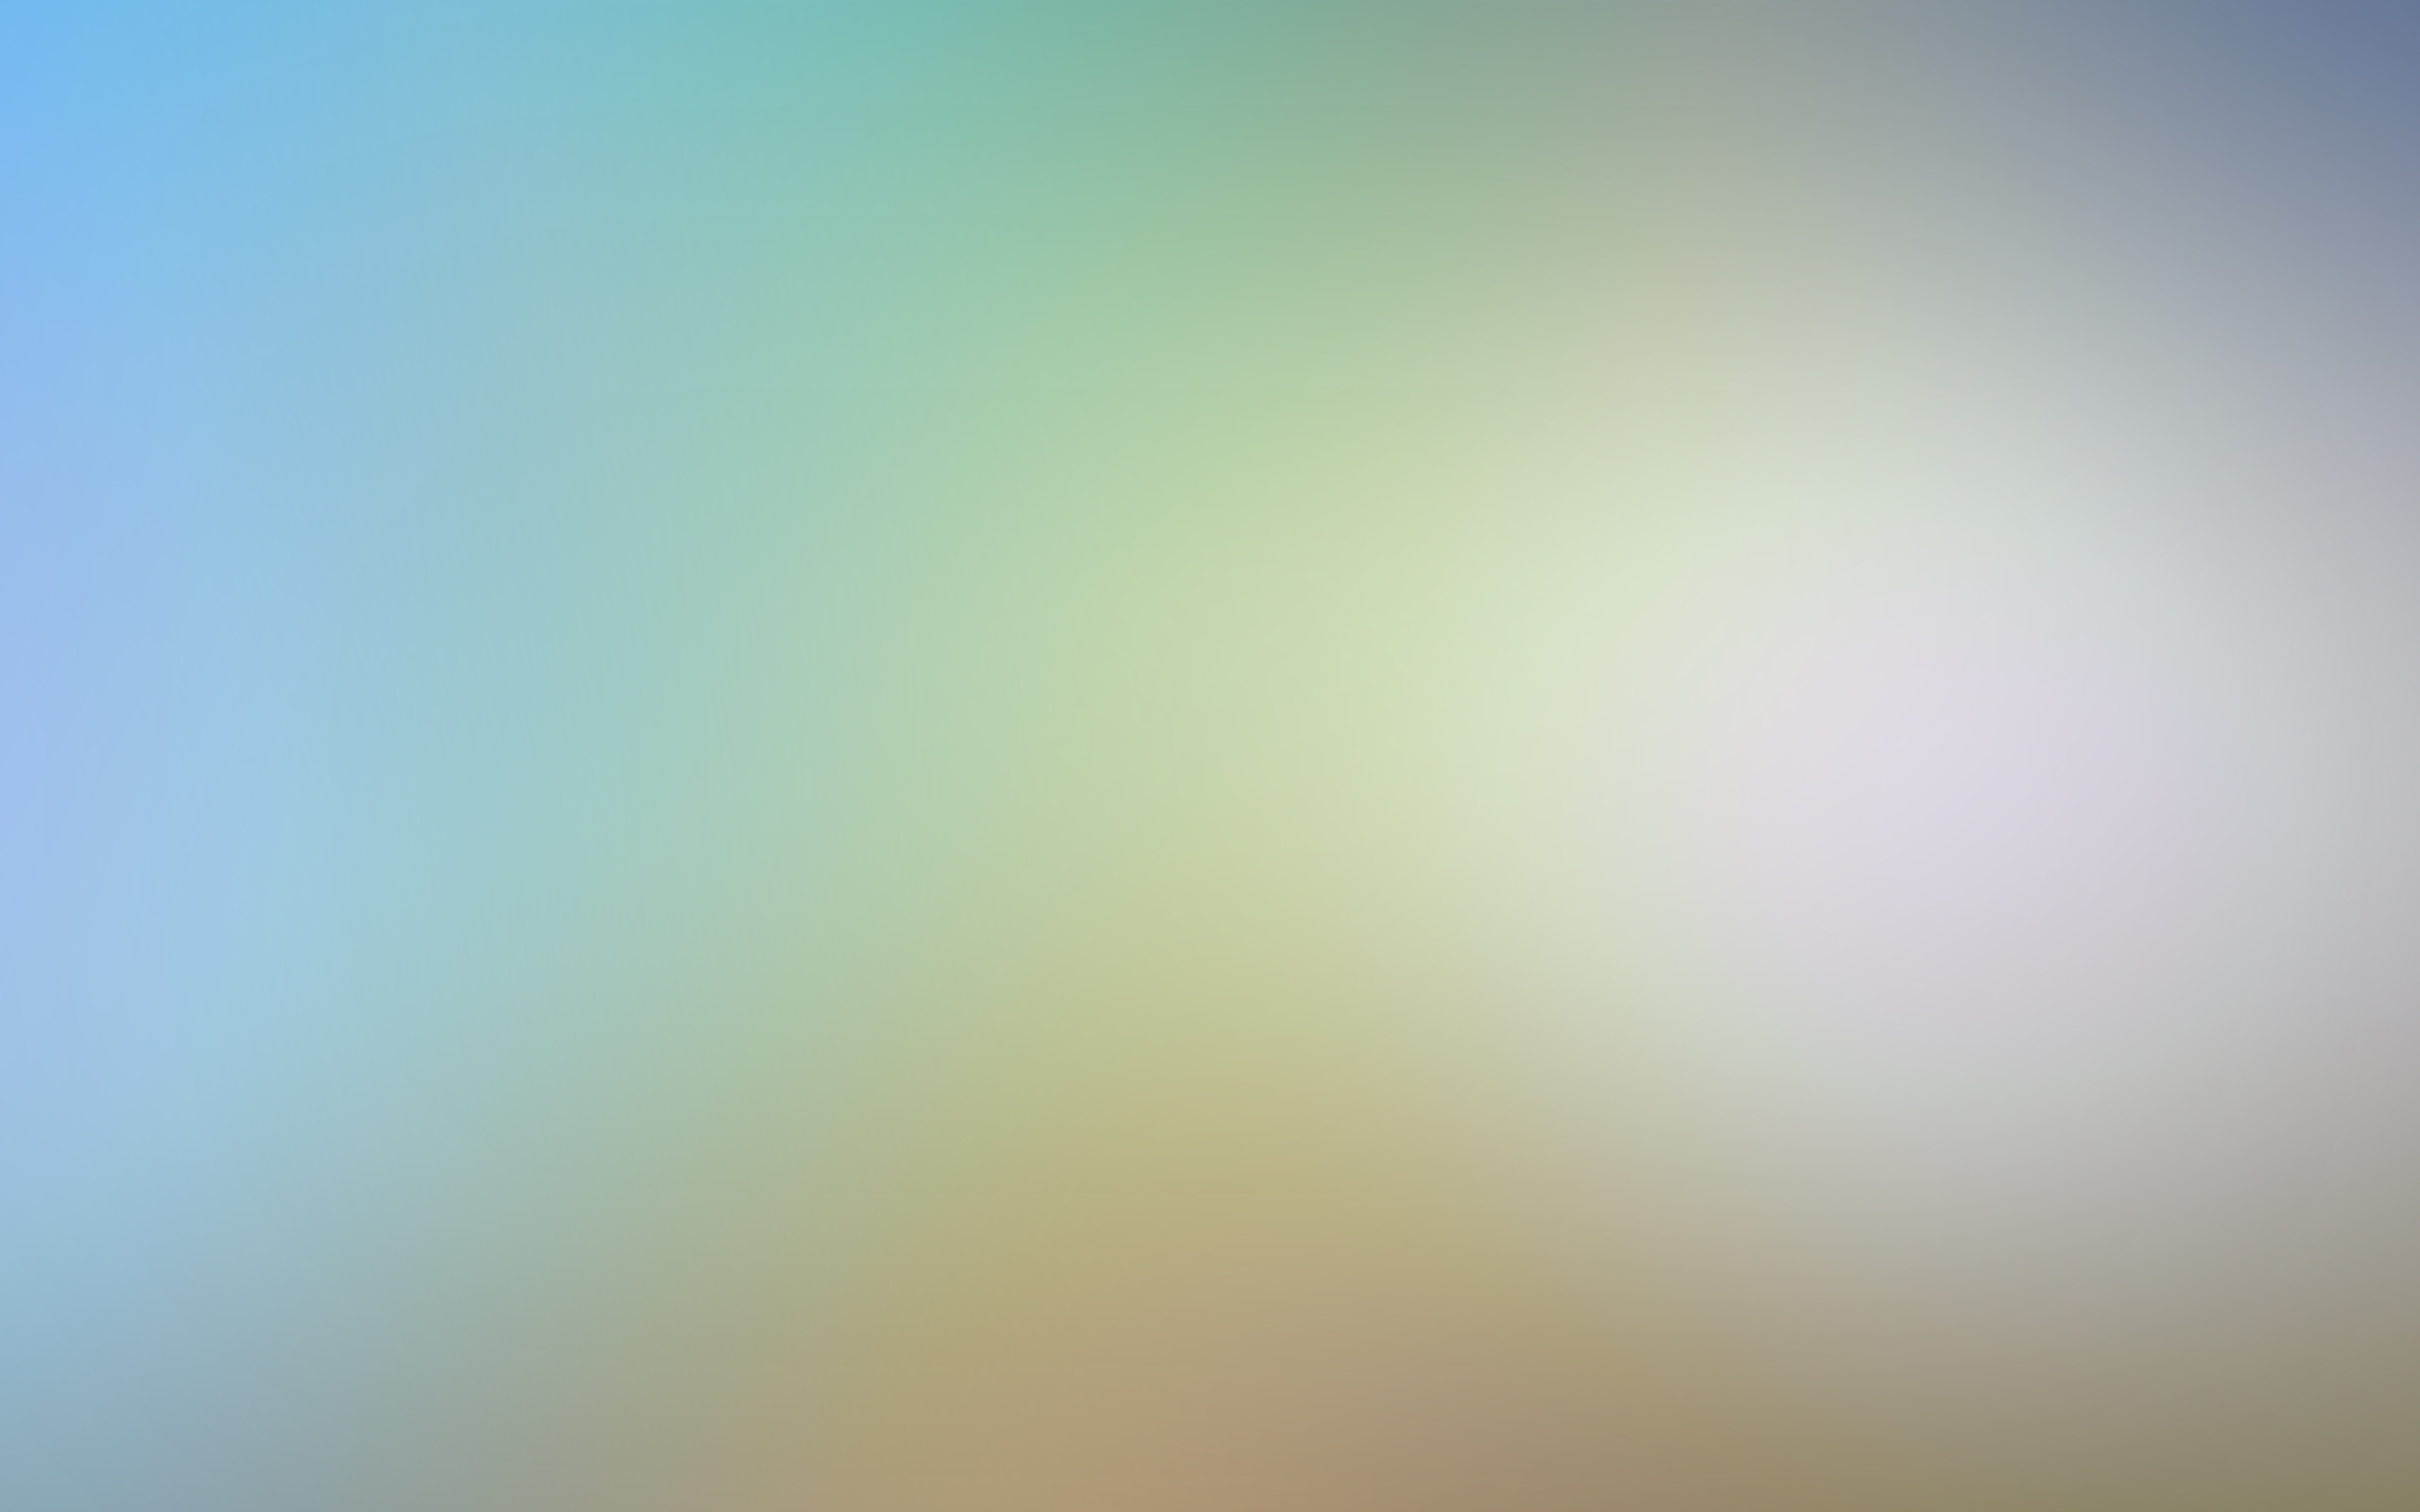 blur-low